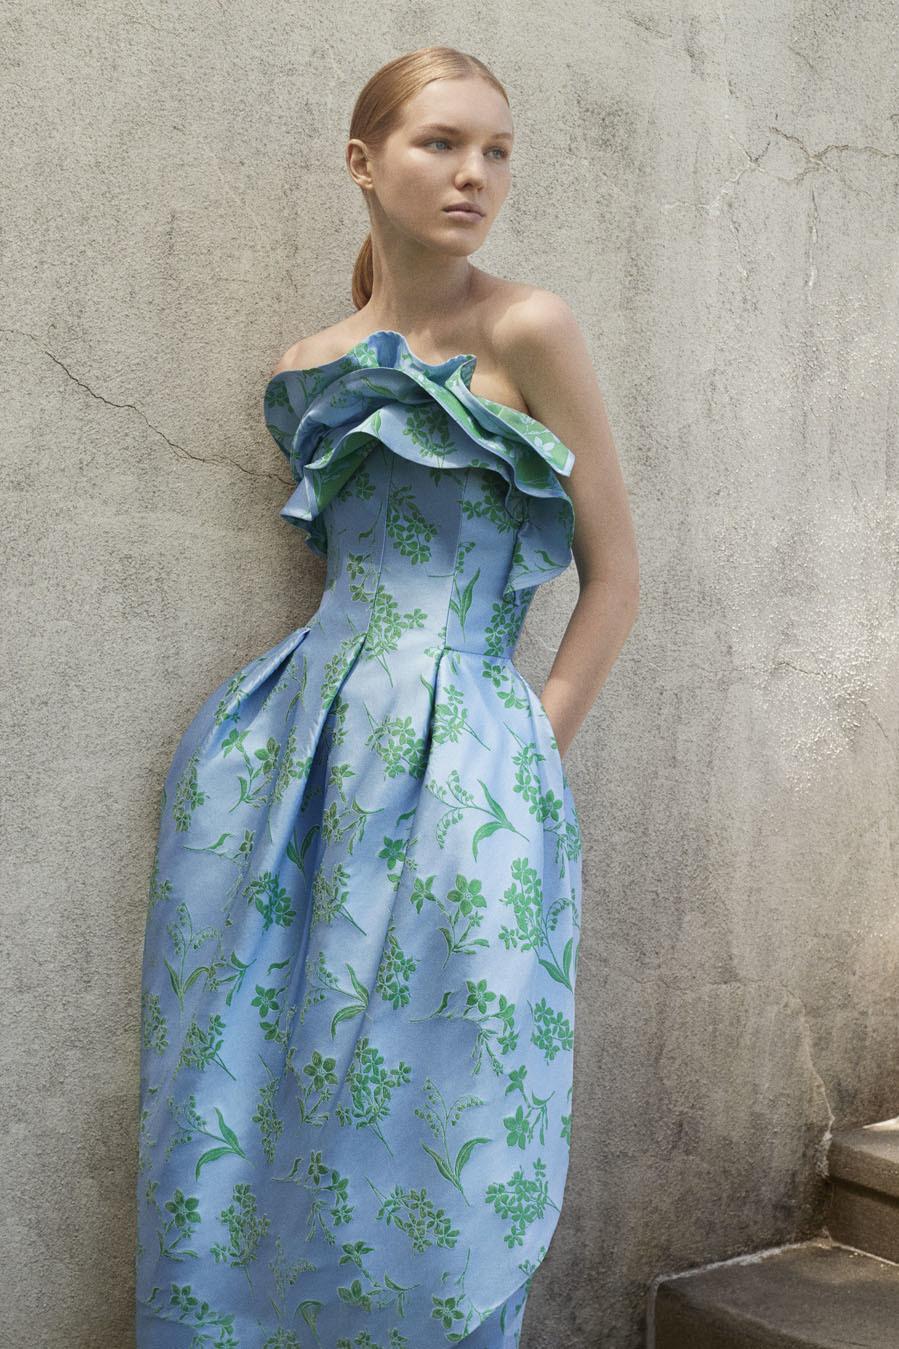 bc95d899b9 Colección Resort 2018 de Carolina Herrera: vestido fluido con volúmenes